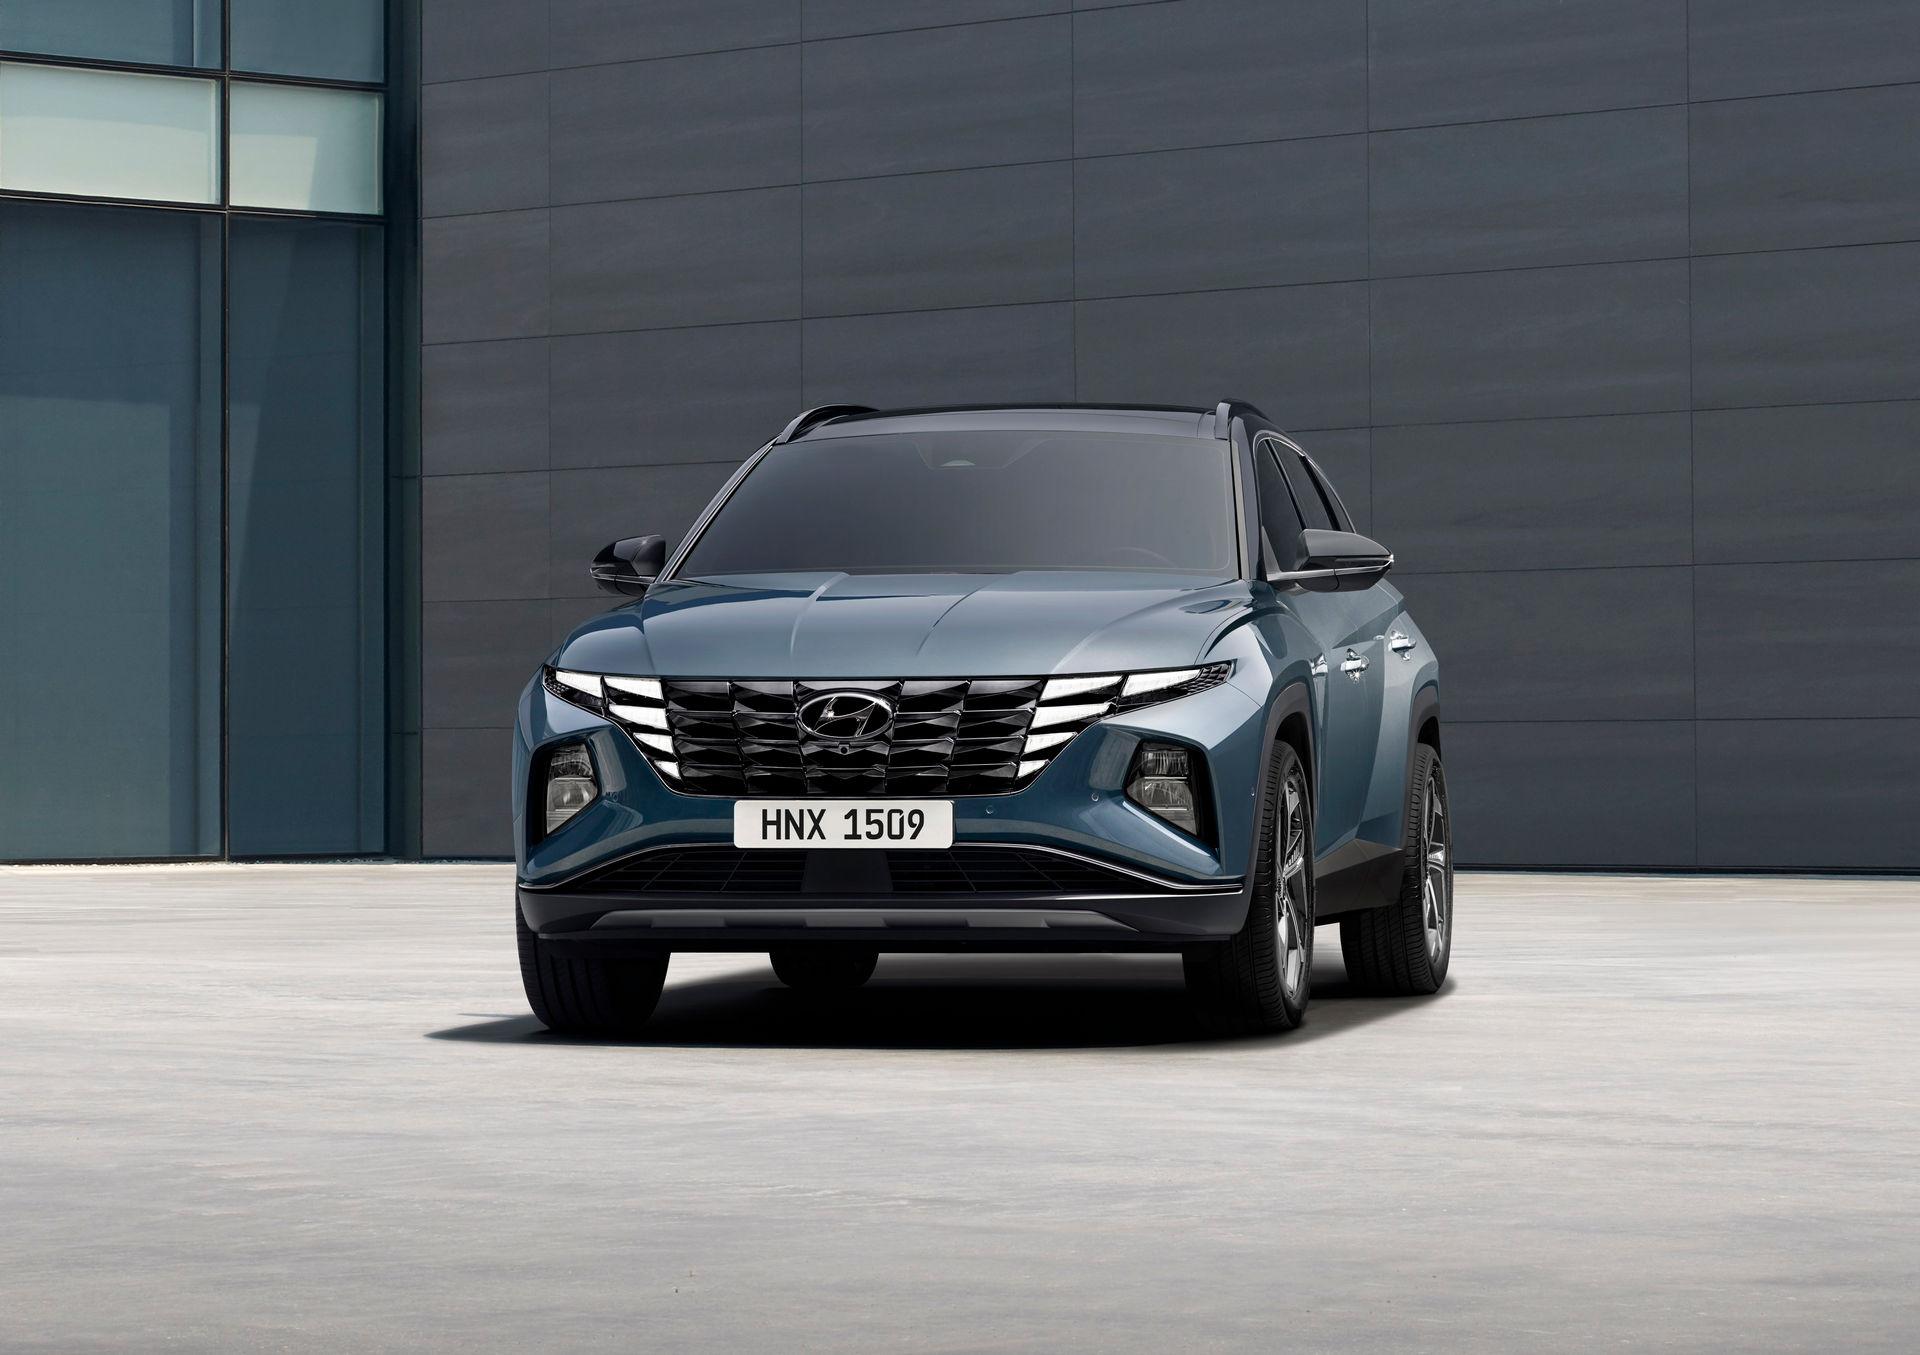 بالفيديو والصور.. انطلاق هيونداي توسان 2022 الجديدة كليًا رسميًا 2021-Hyundai-Tucson-1-1.jpg